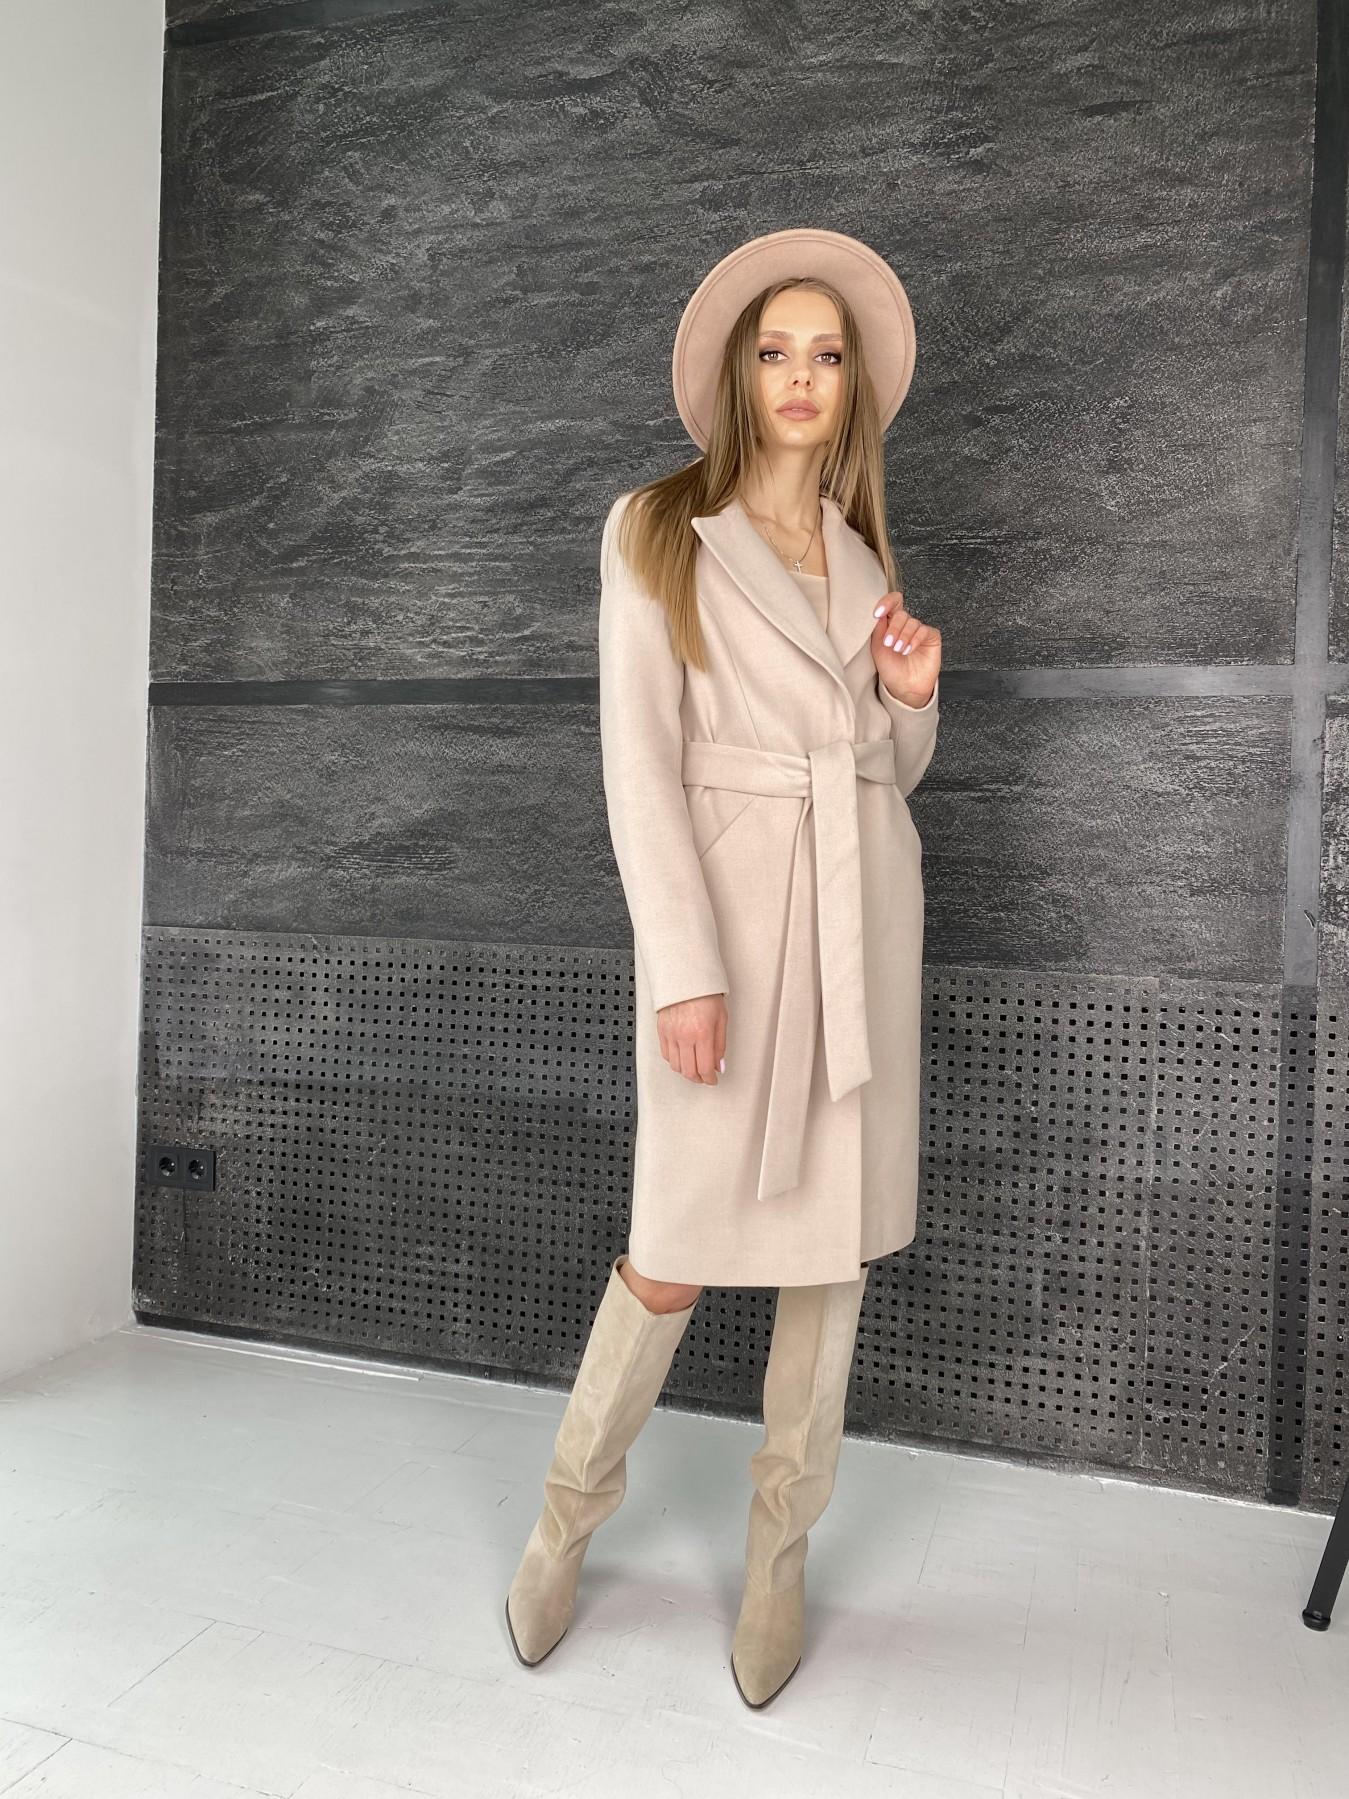 Мехико пальто из гладкого кашемира 10891 АРТ. 47360 Цвет: Бежевый - фото 7, интернет магазин tm-modus.ru